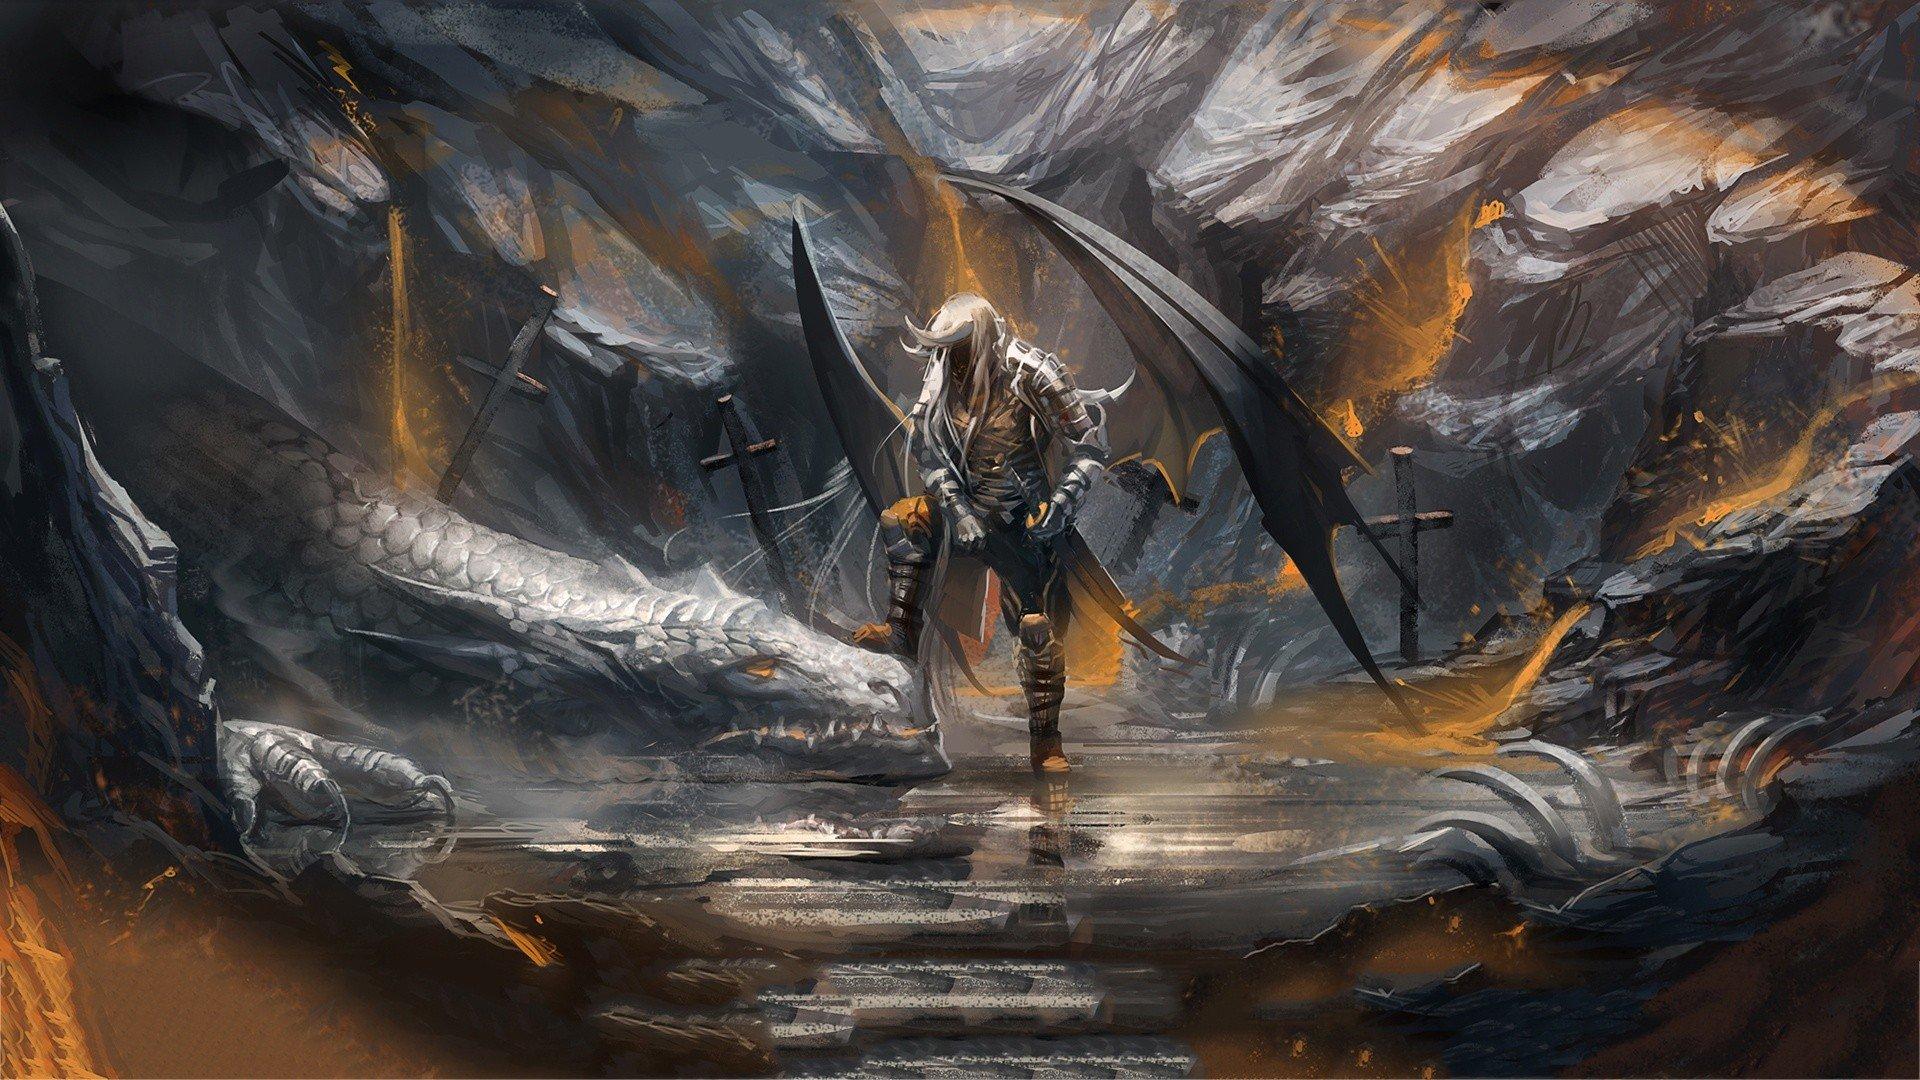 artwork drow dark elves wallpaper 1920x1080 310069 WallpaperUP 1920x1080